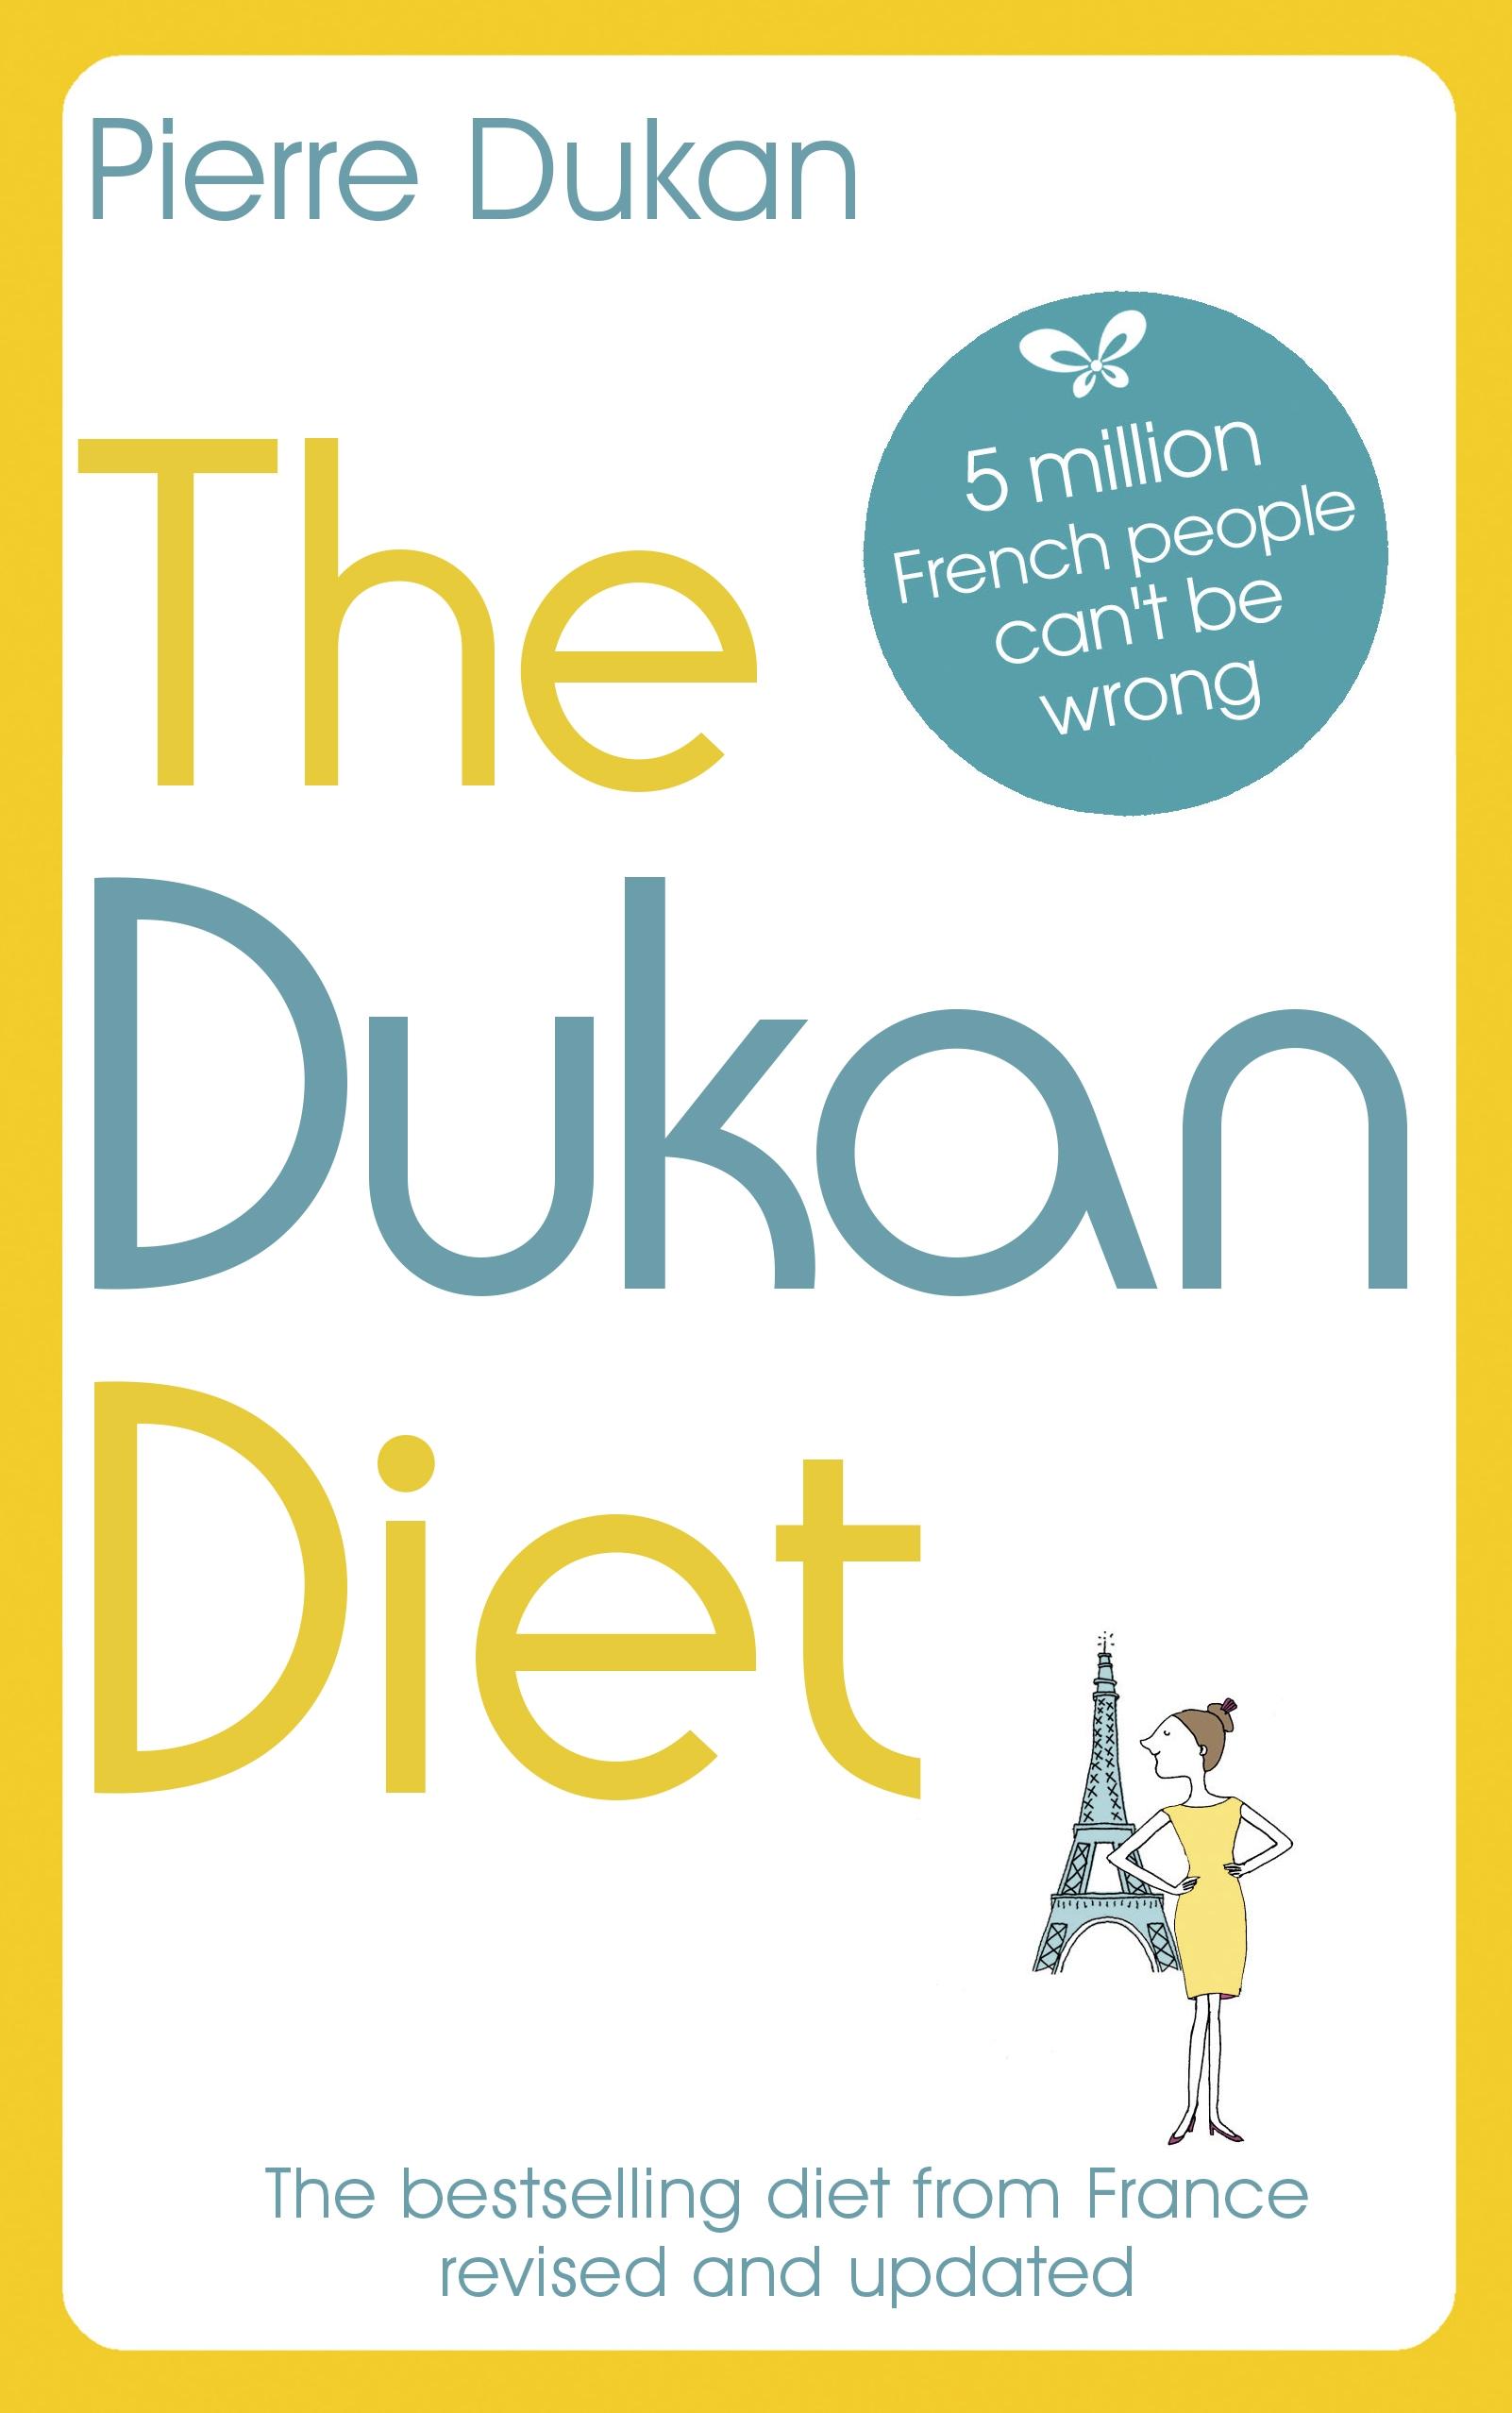 Dieta do dr pierre dukan